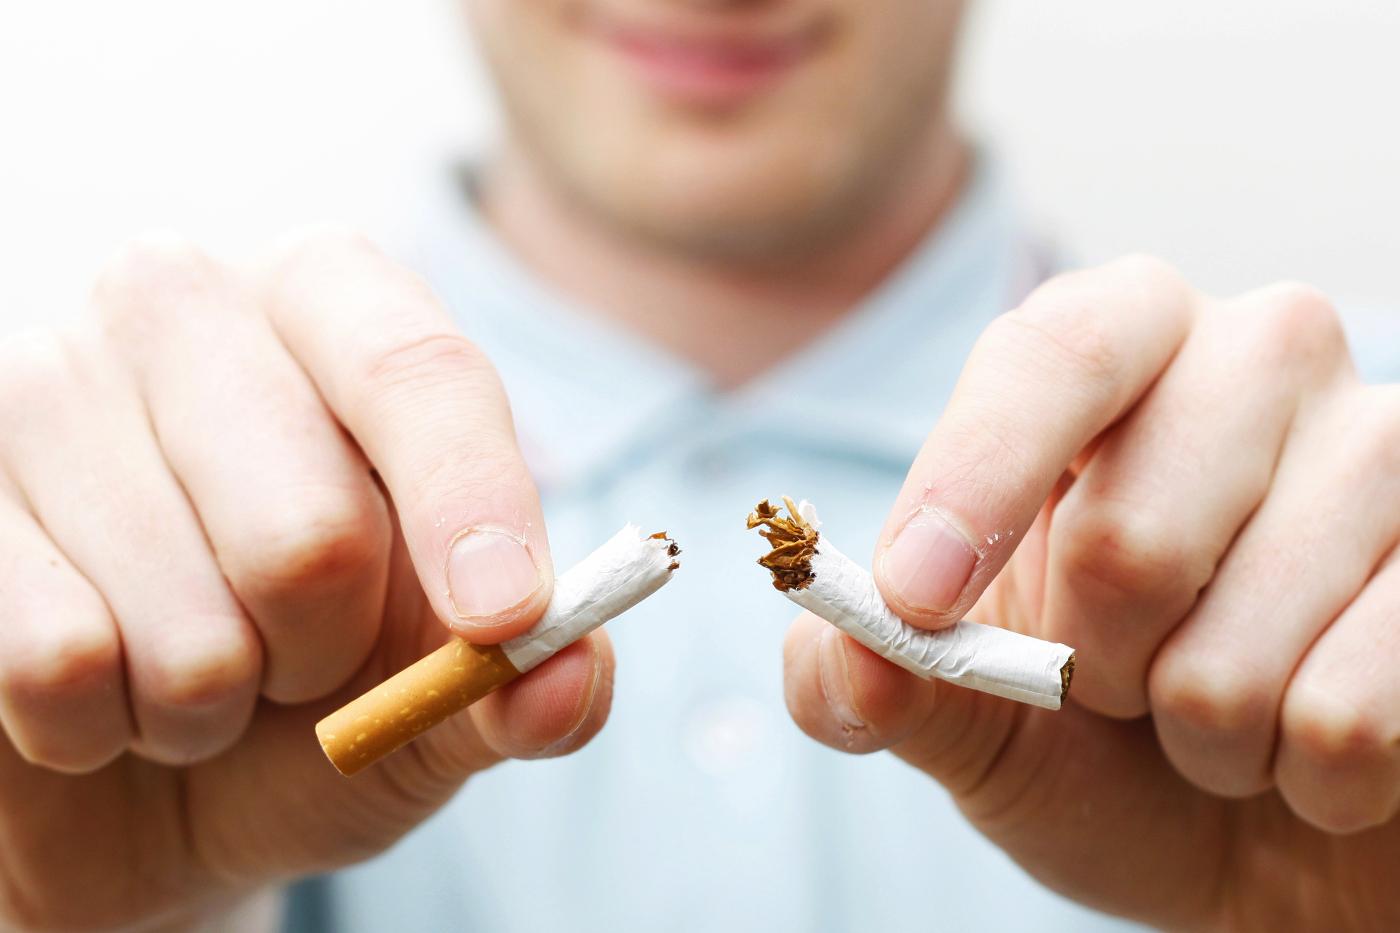 10 hyvää suunterveydellistä syytä lopettaa tupakointi